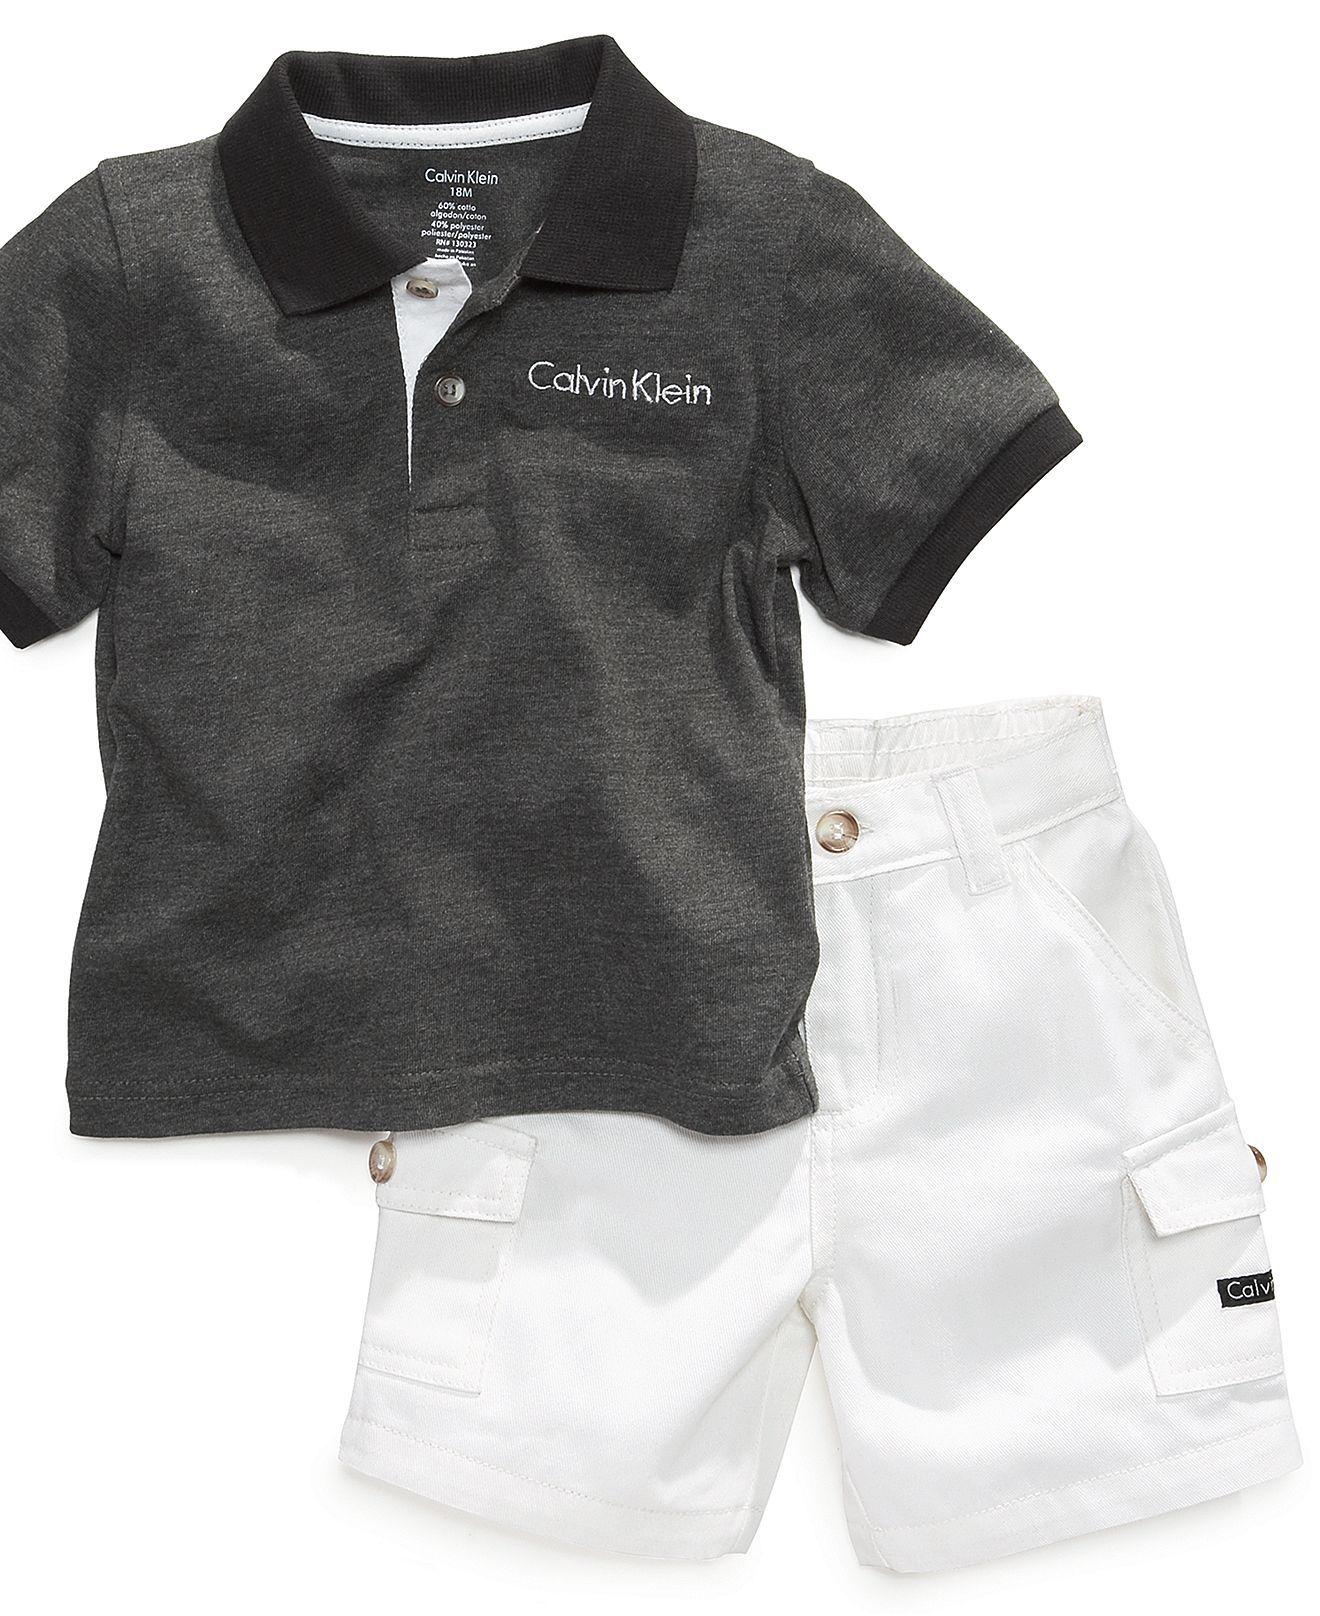 eee32d2cabeb Calvin Klein Baby Set